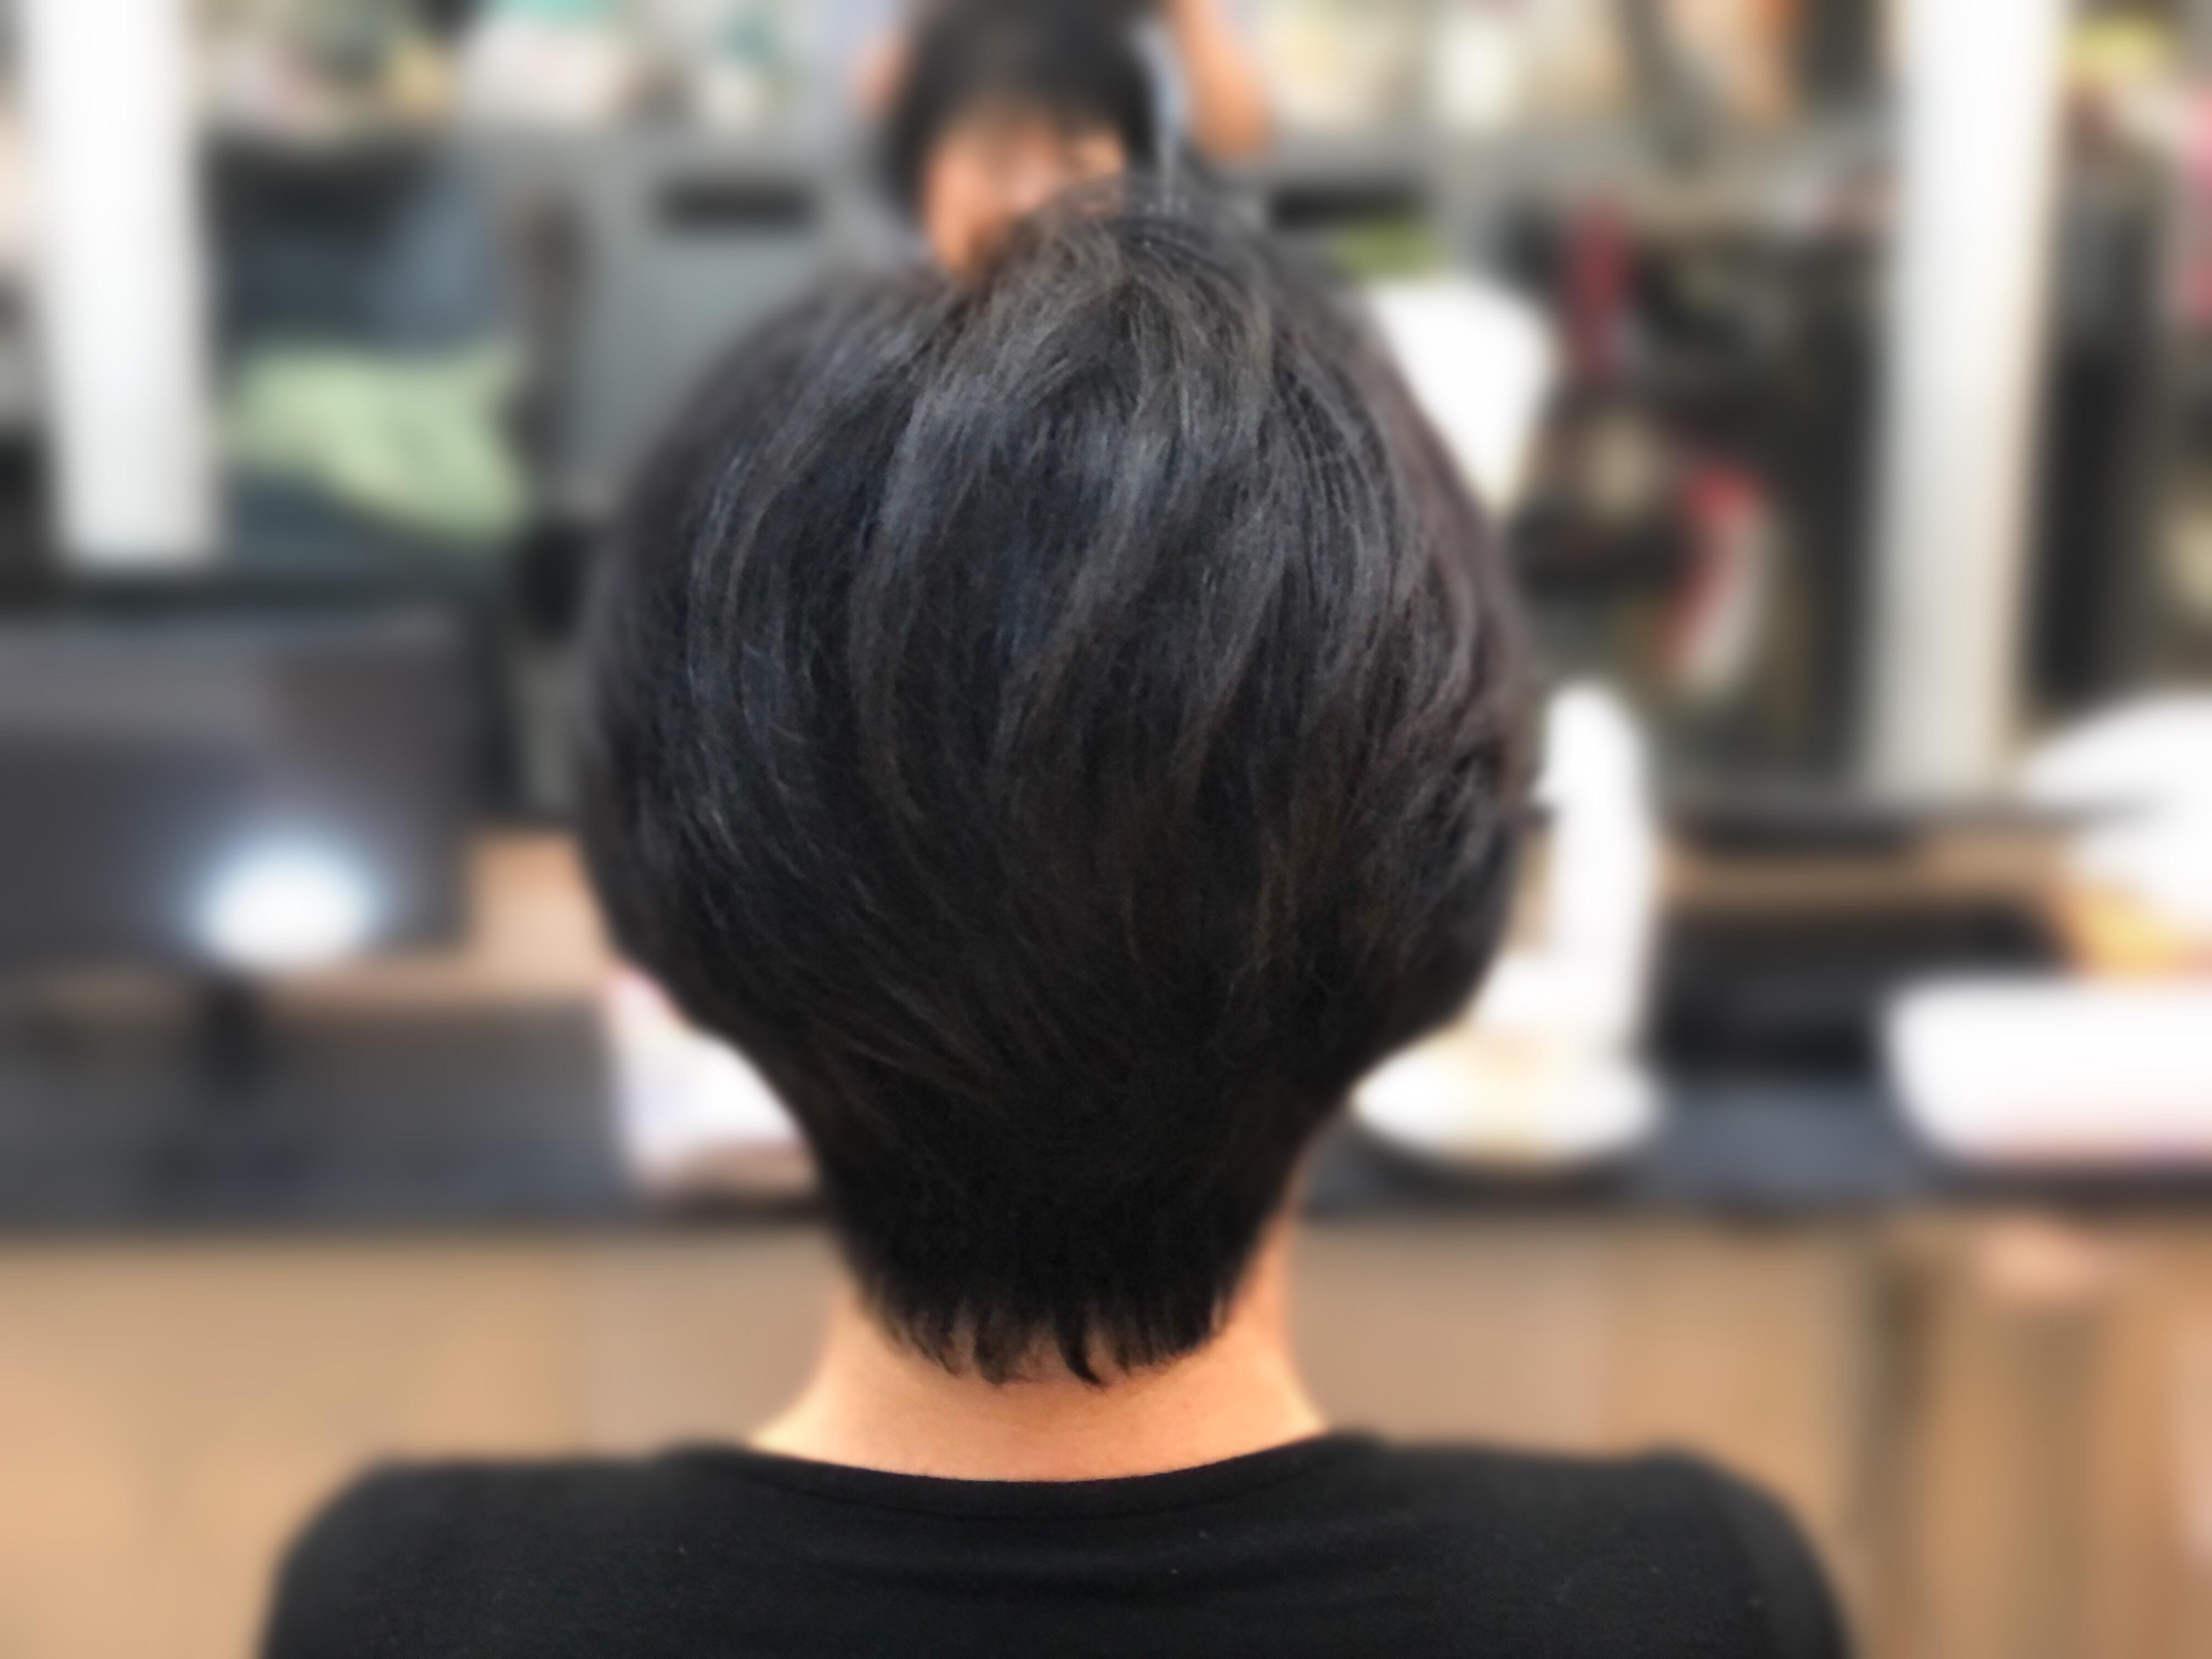 くせ毛でもスタイルに変化は出せます🤗